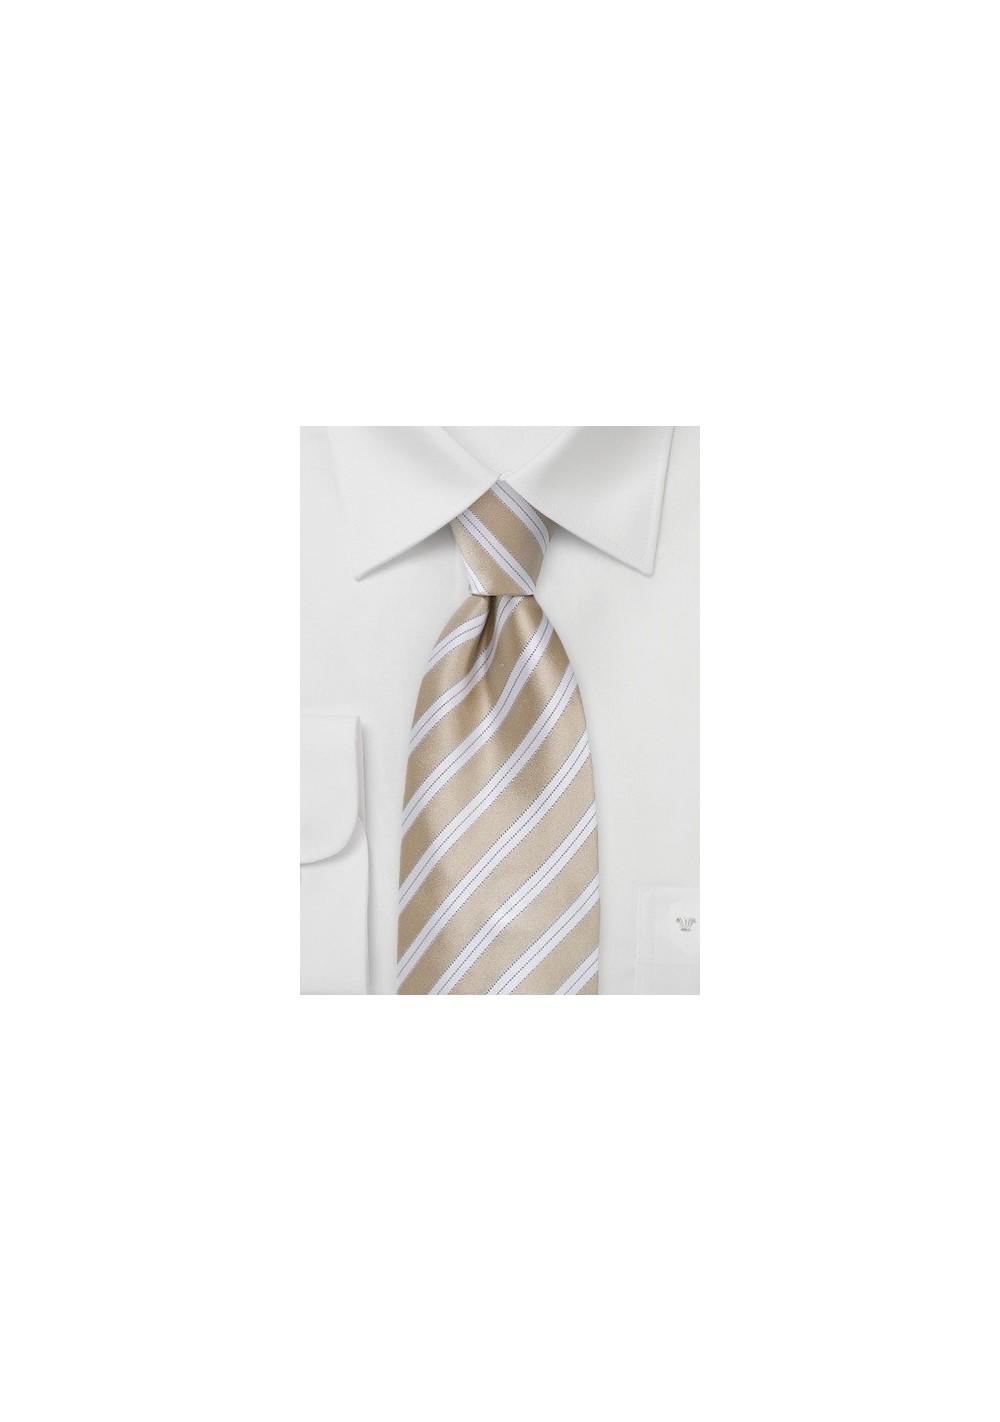 Sweet Almond Striped Tie in Kids Size